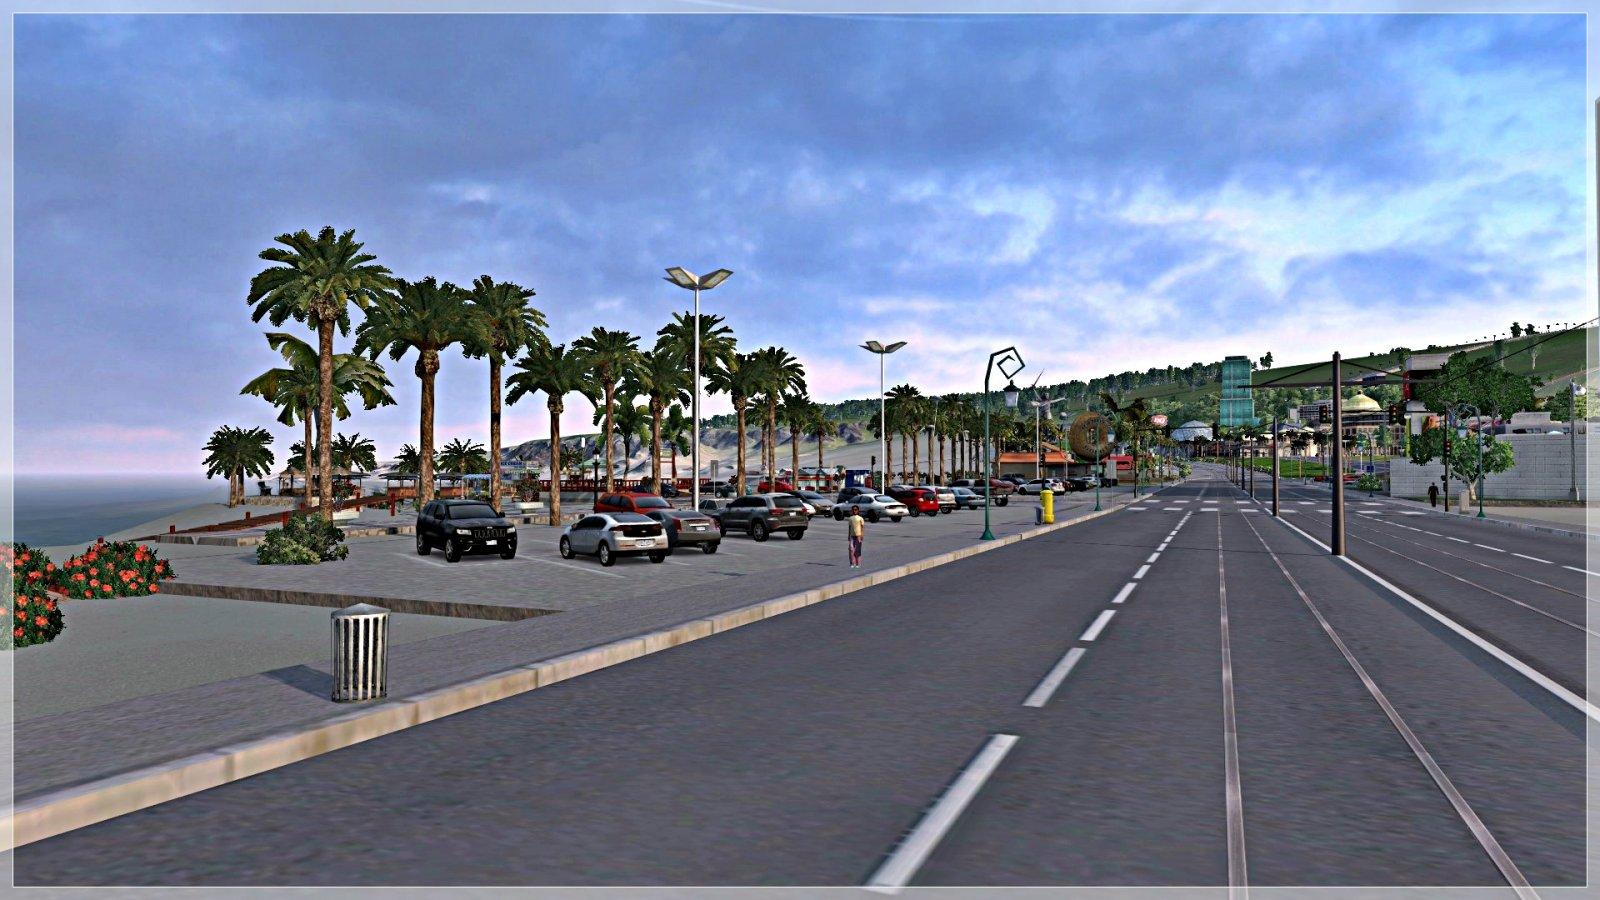 gamescreen0018.jpg